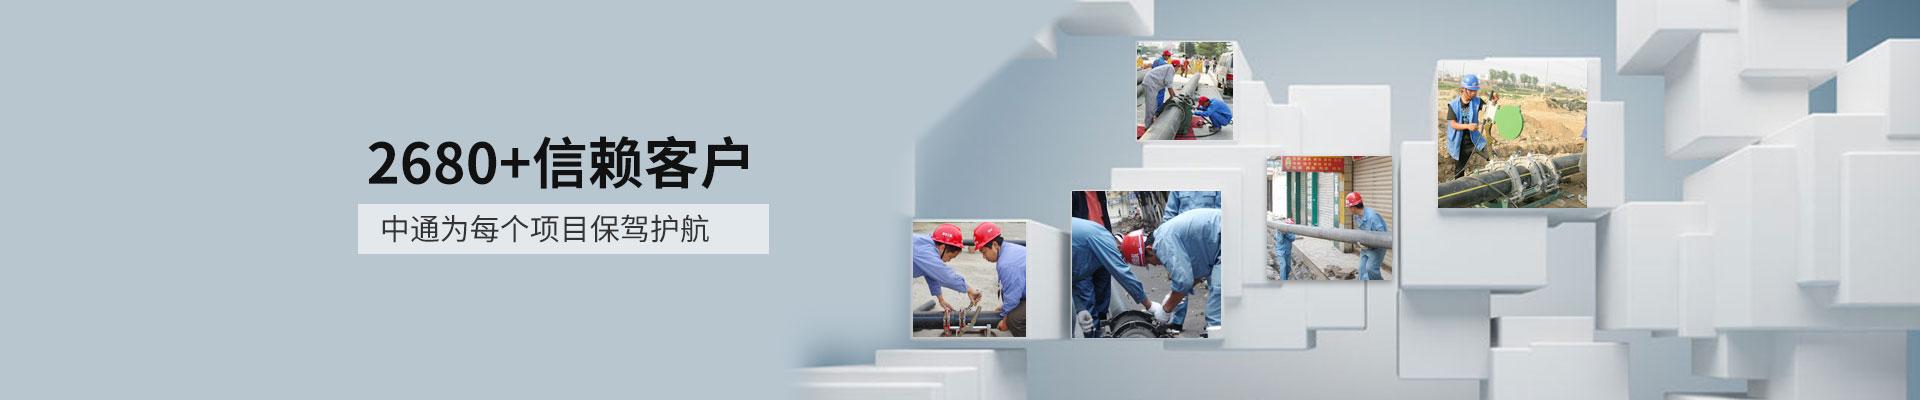 中通管业:2680+信赖客户中通为每个项目保驾护航